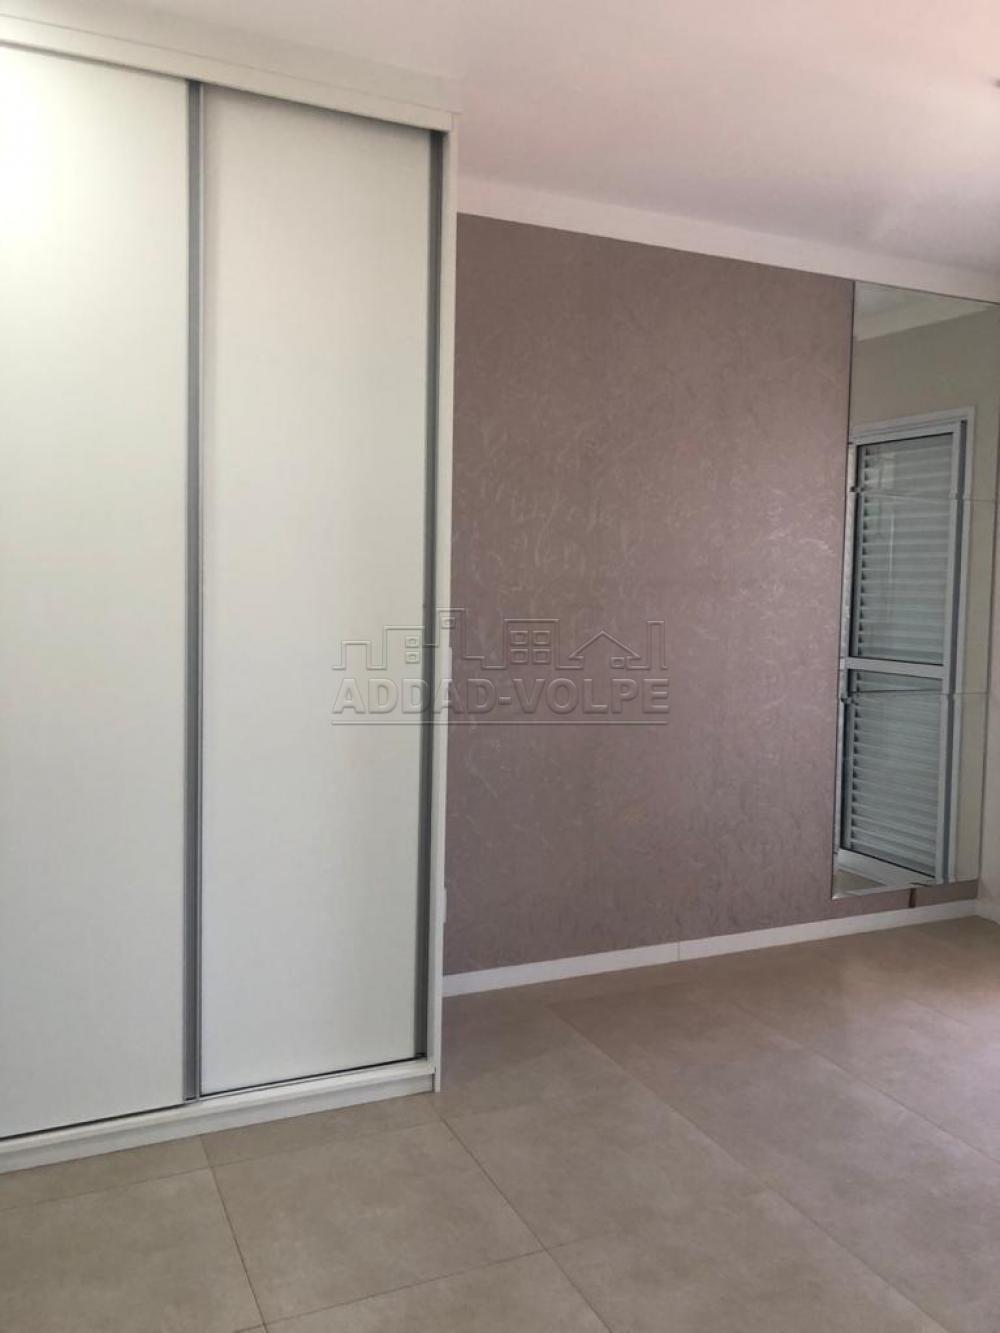 Comprar Apartamento / Padrão em Bauru R$ 990.000,00 - Foto 10